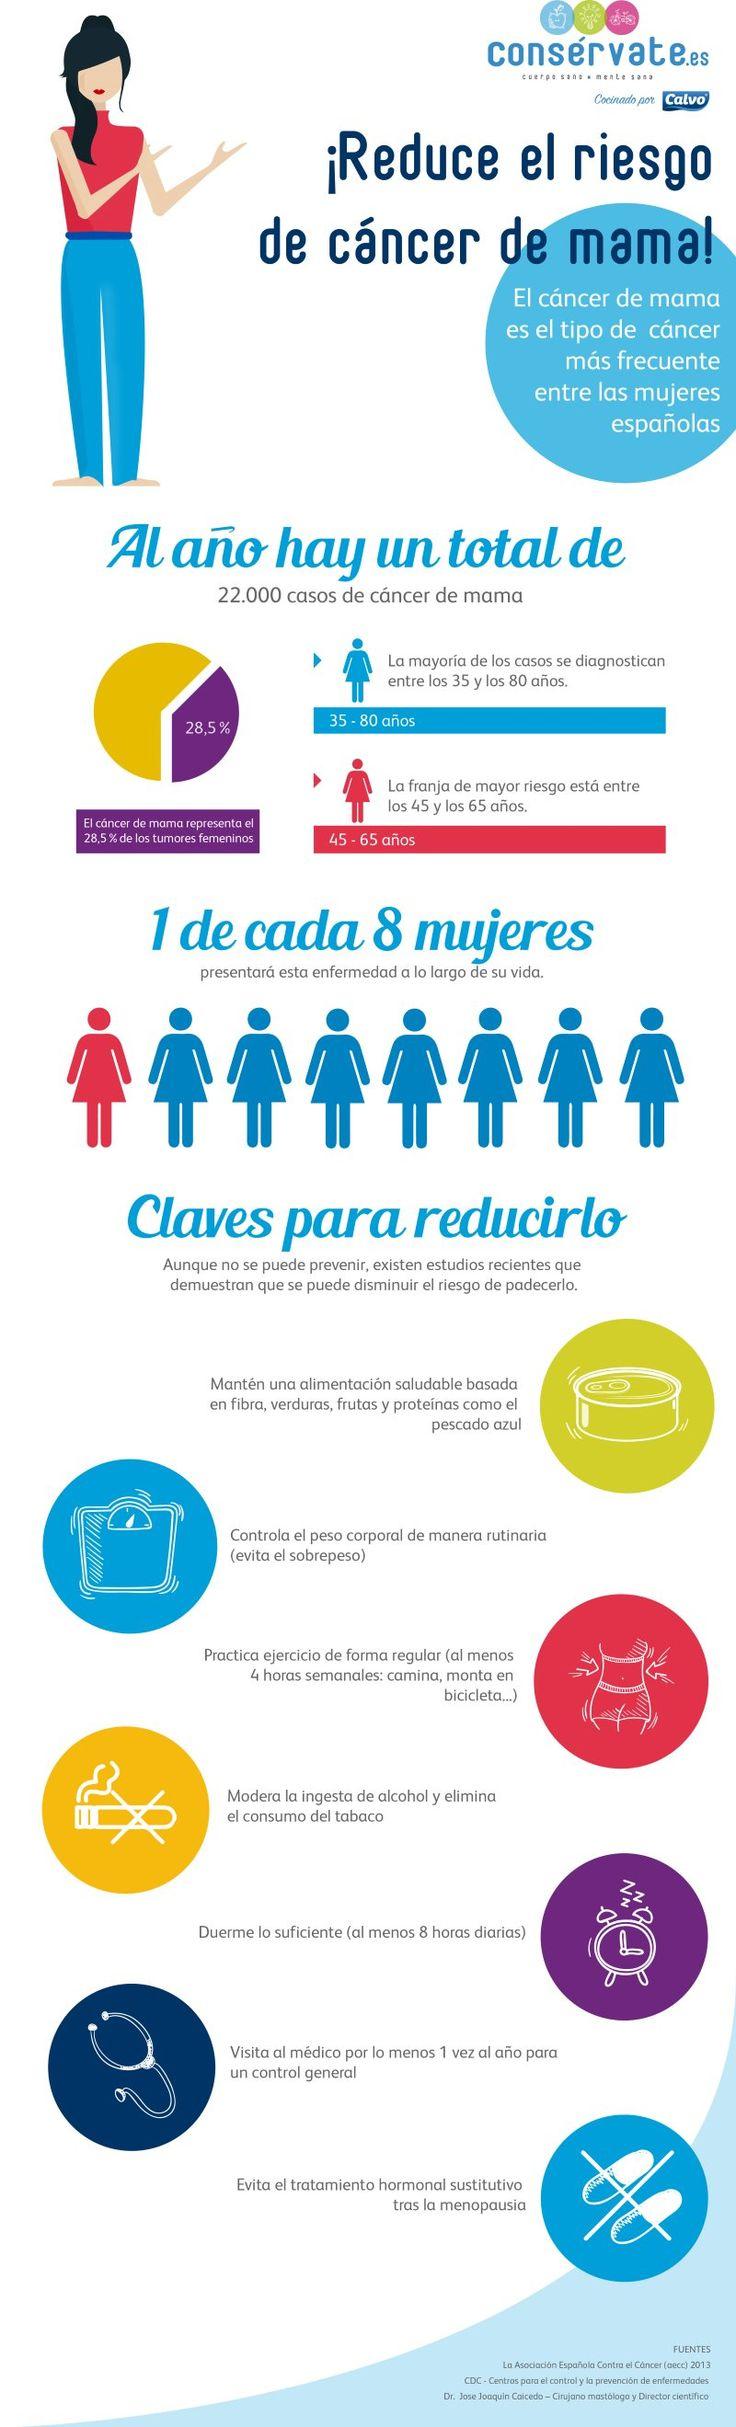 Infografía: Reduce el riesgo de cáncer de mama